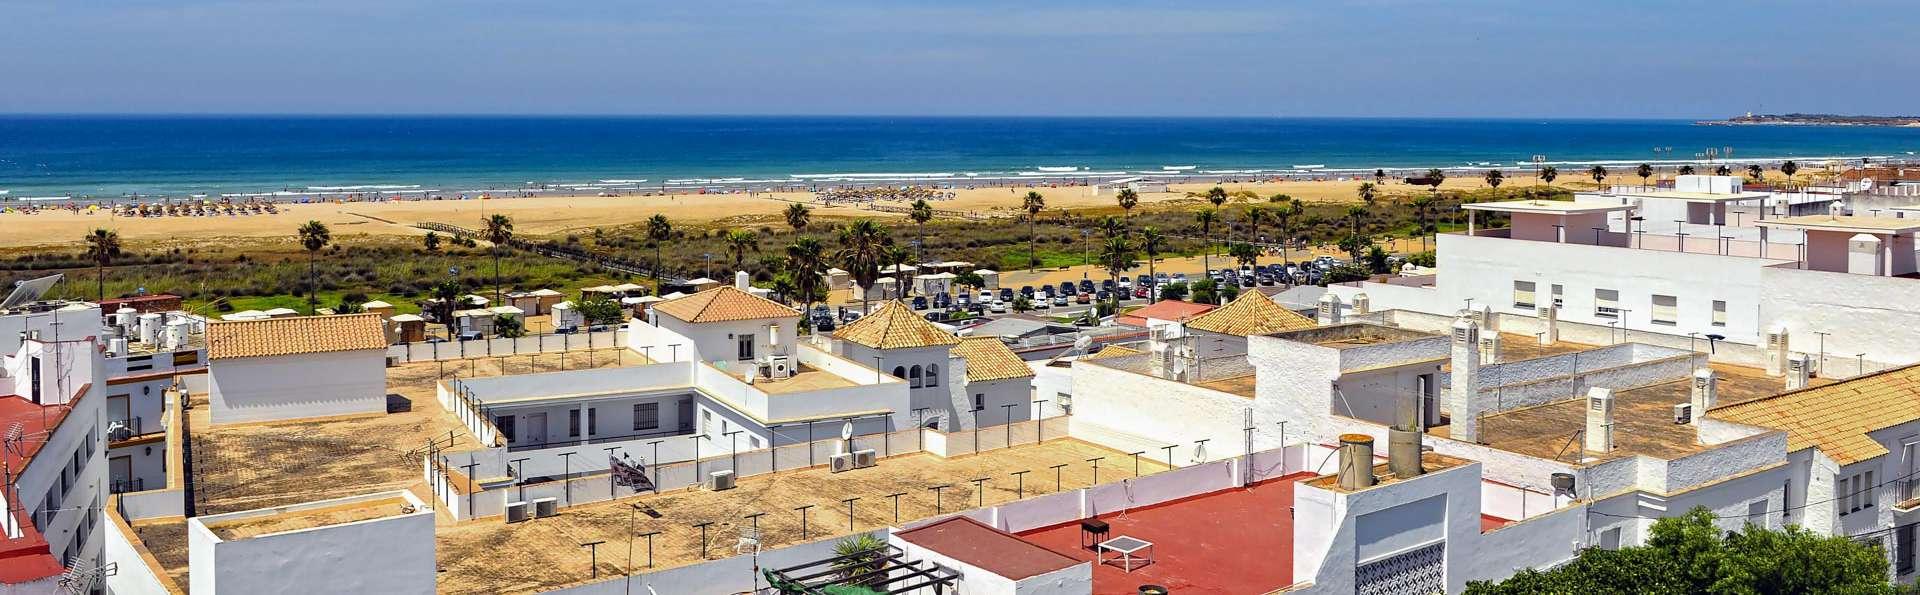 Casa Reyes El Palmar - EDIT_CONIL_DE_LA_FRONTERA_02.jpg